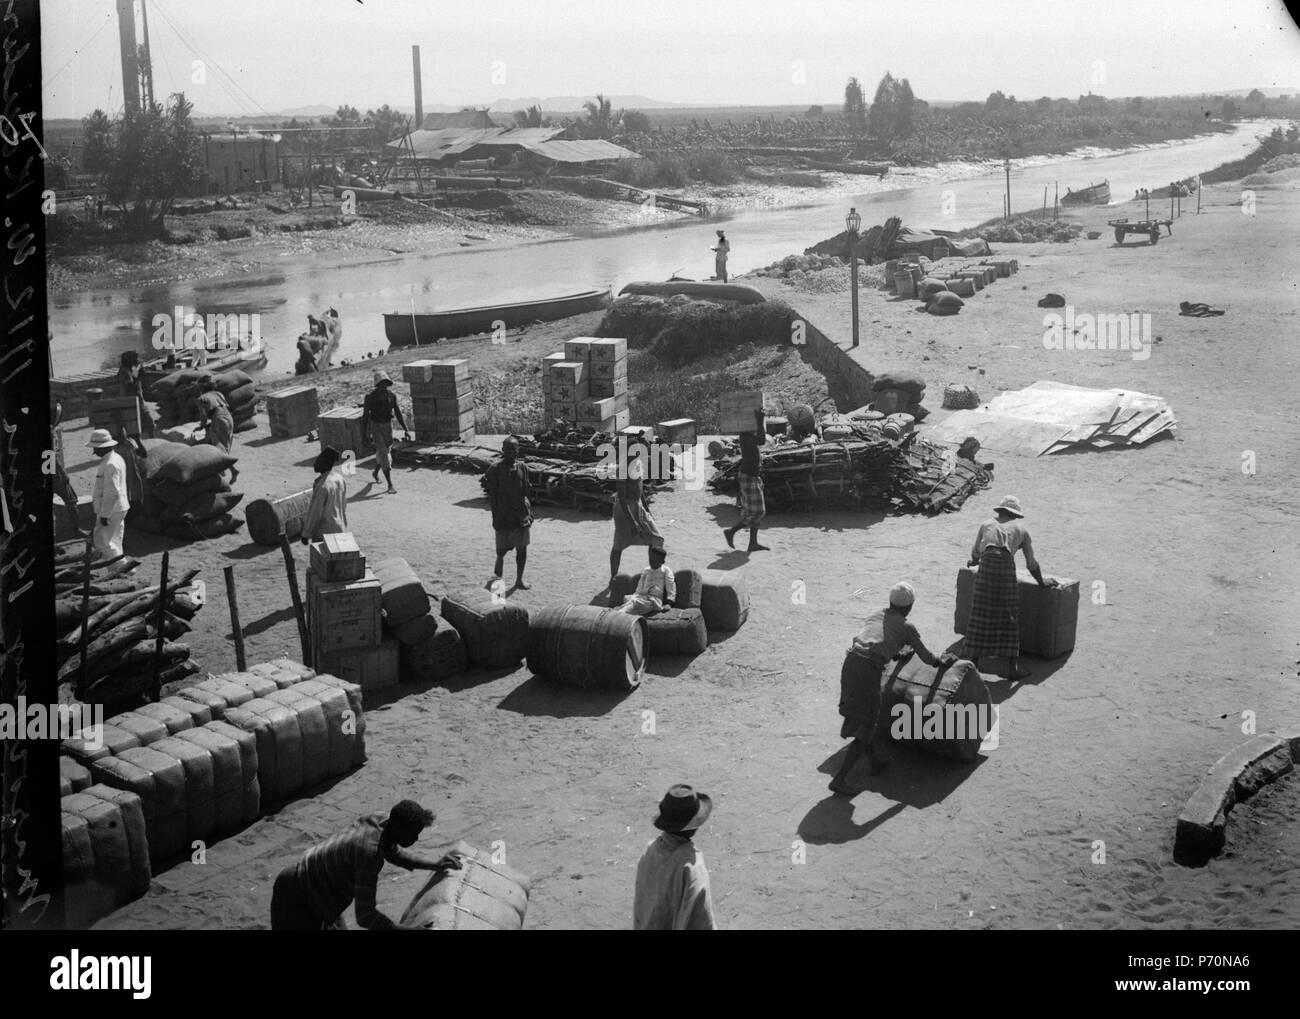 Hamnen och med 16 mod expres arbetare. 14, Juni 1912 Datum. Ort, Marovoay, Madagaskar. Marovoay - SMVK - 021785 Banque D'Images